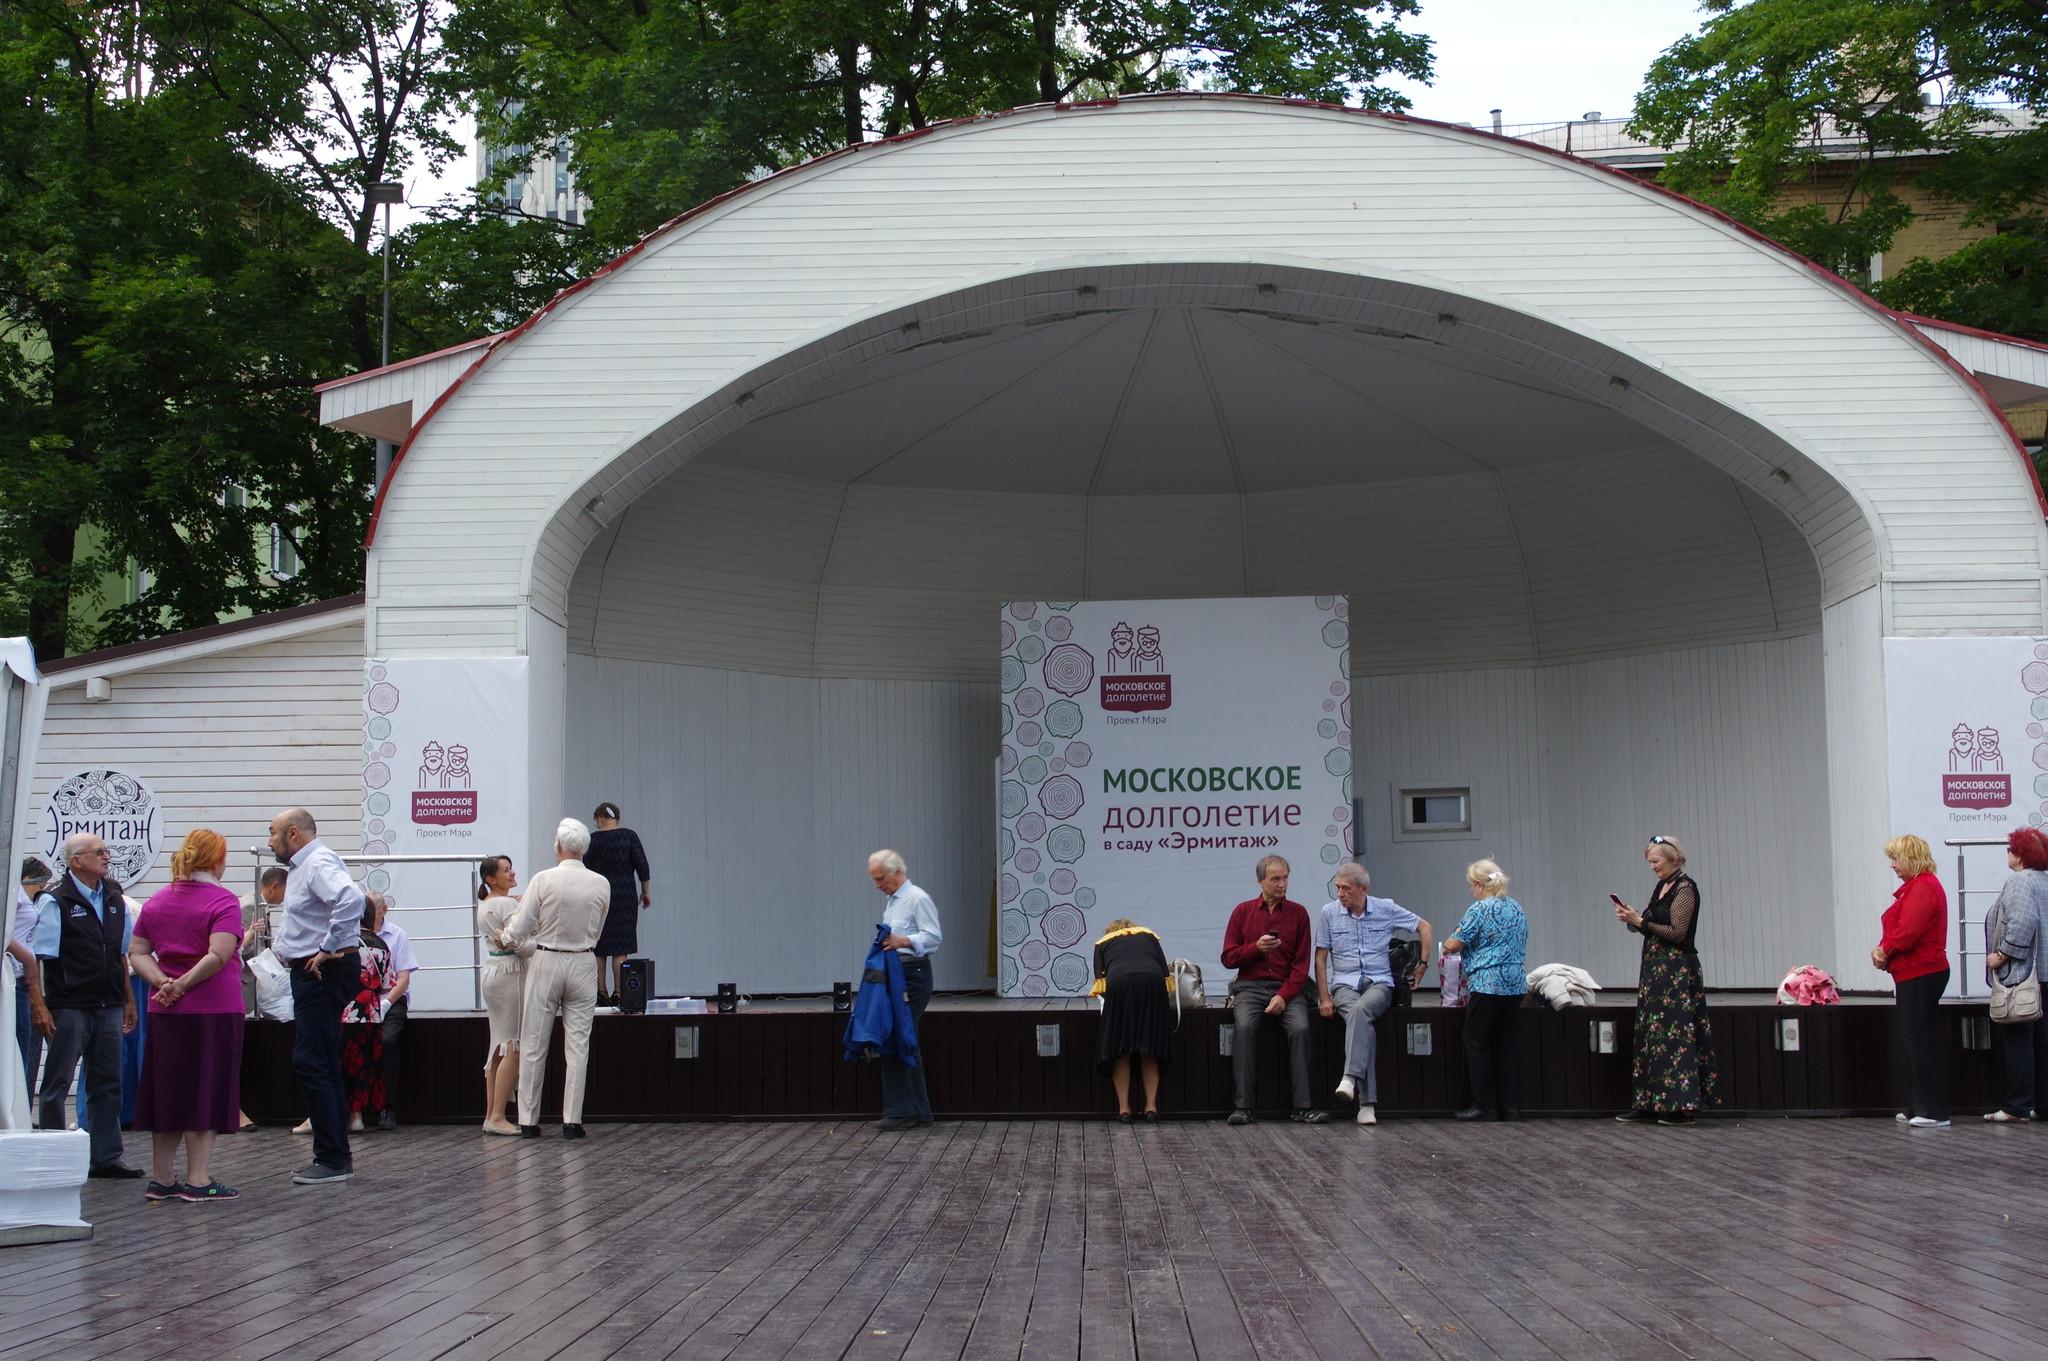 Городская программа «Московское долголетие» в саду «Эрмитаж»